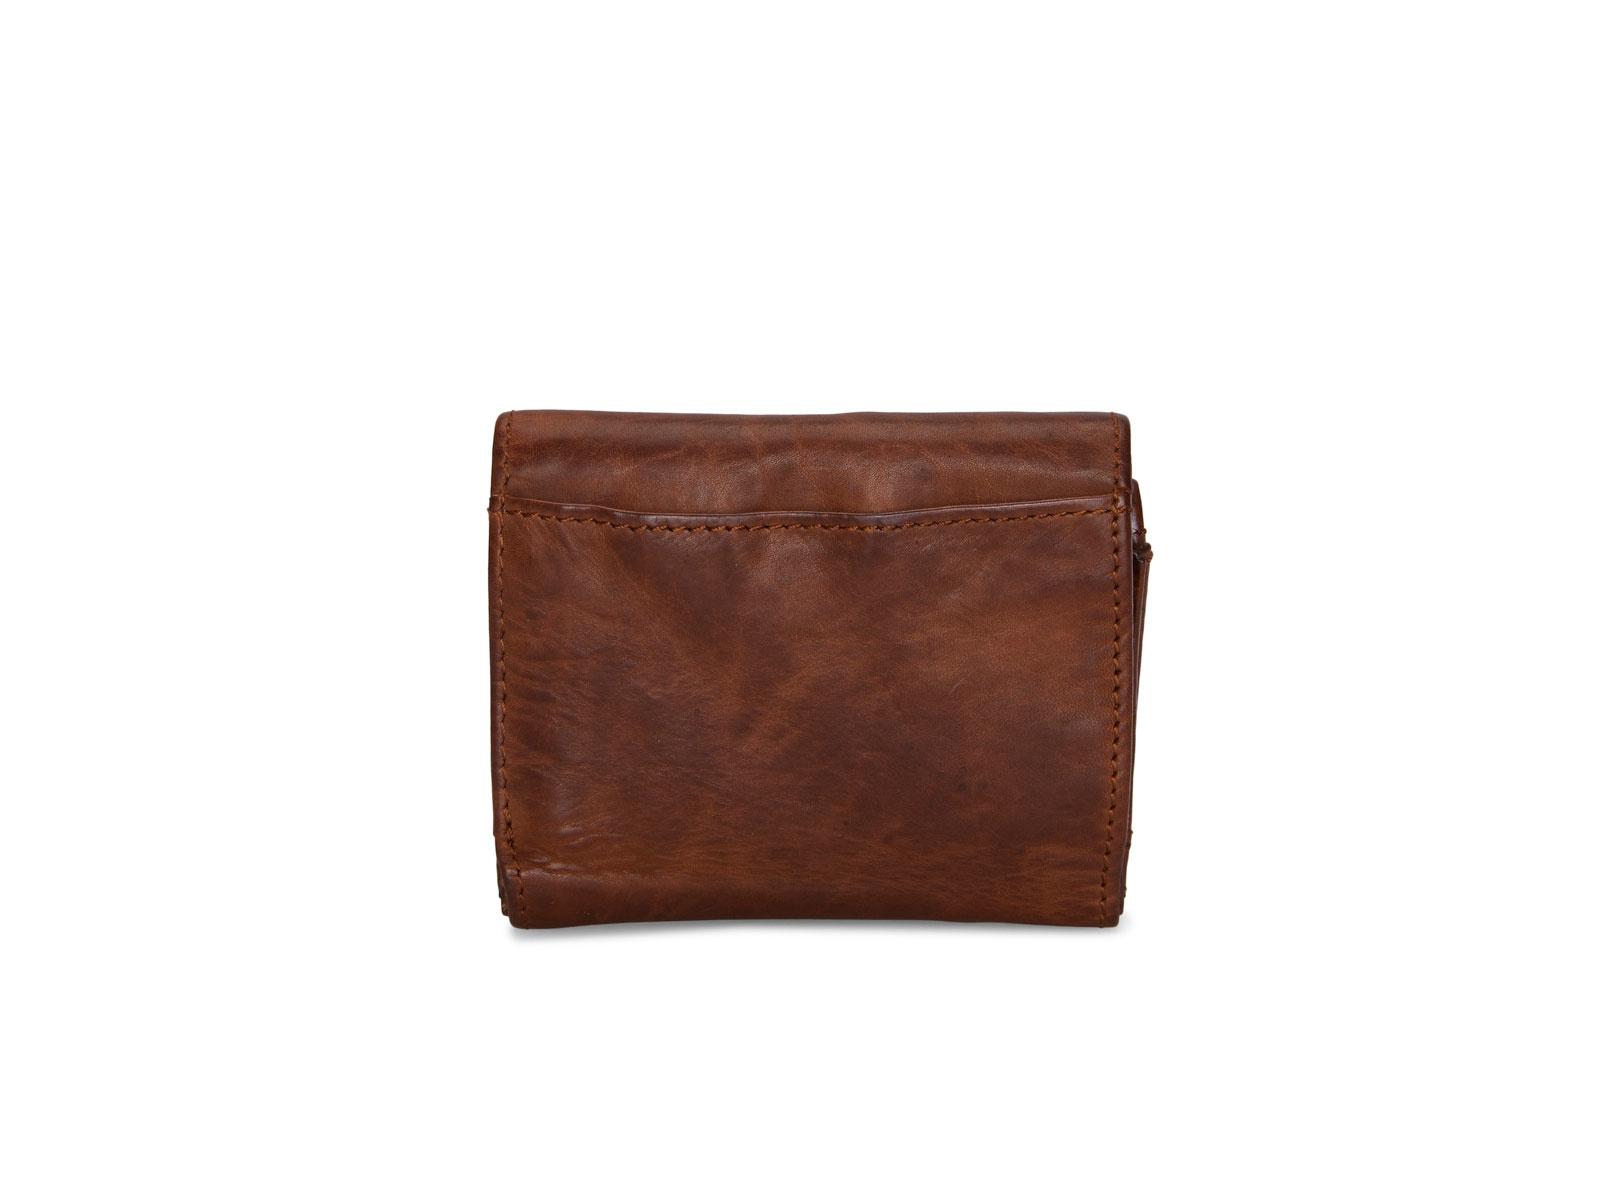 Pia Ries | Washed | Kleine  portemonnee voor munten en kaarten | Cognac